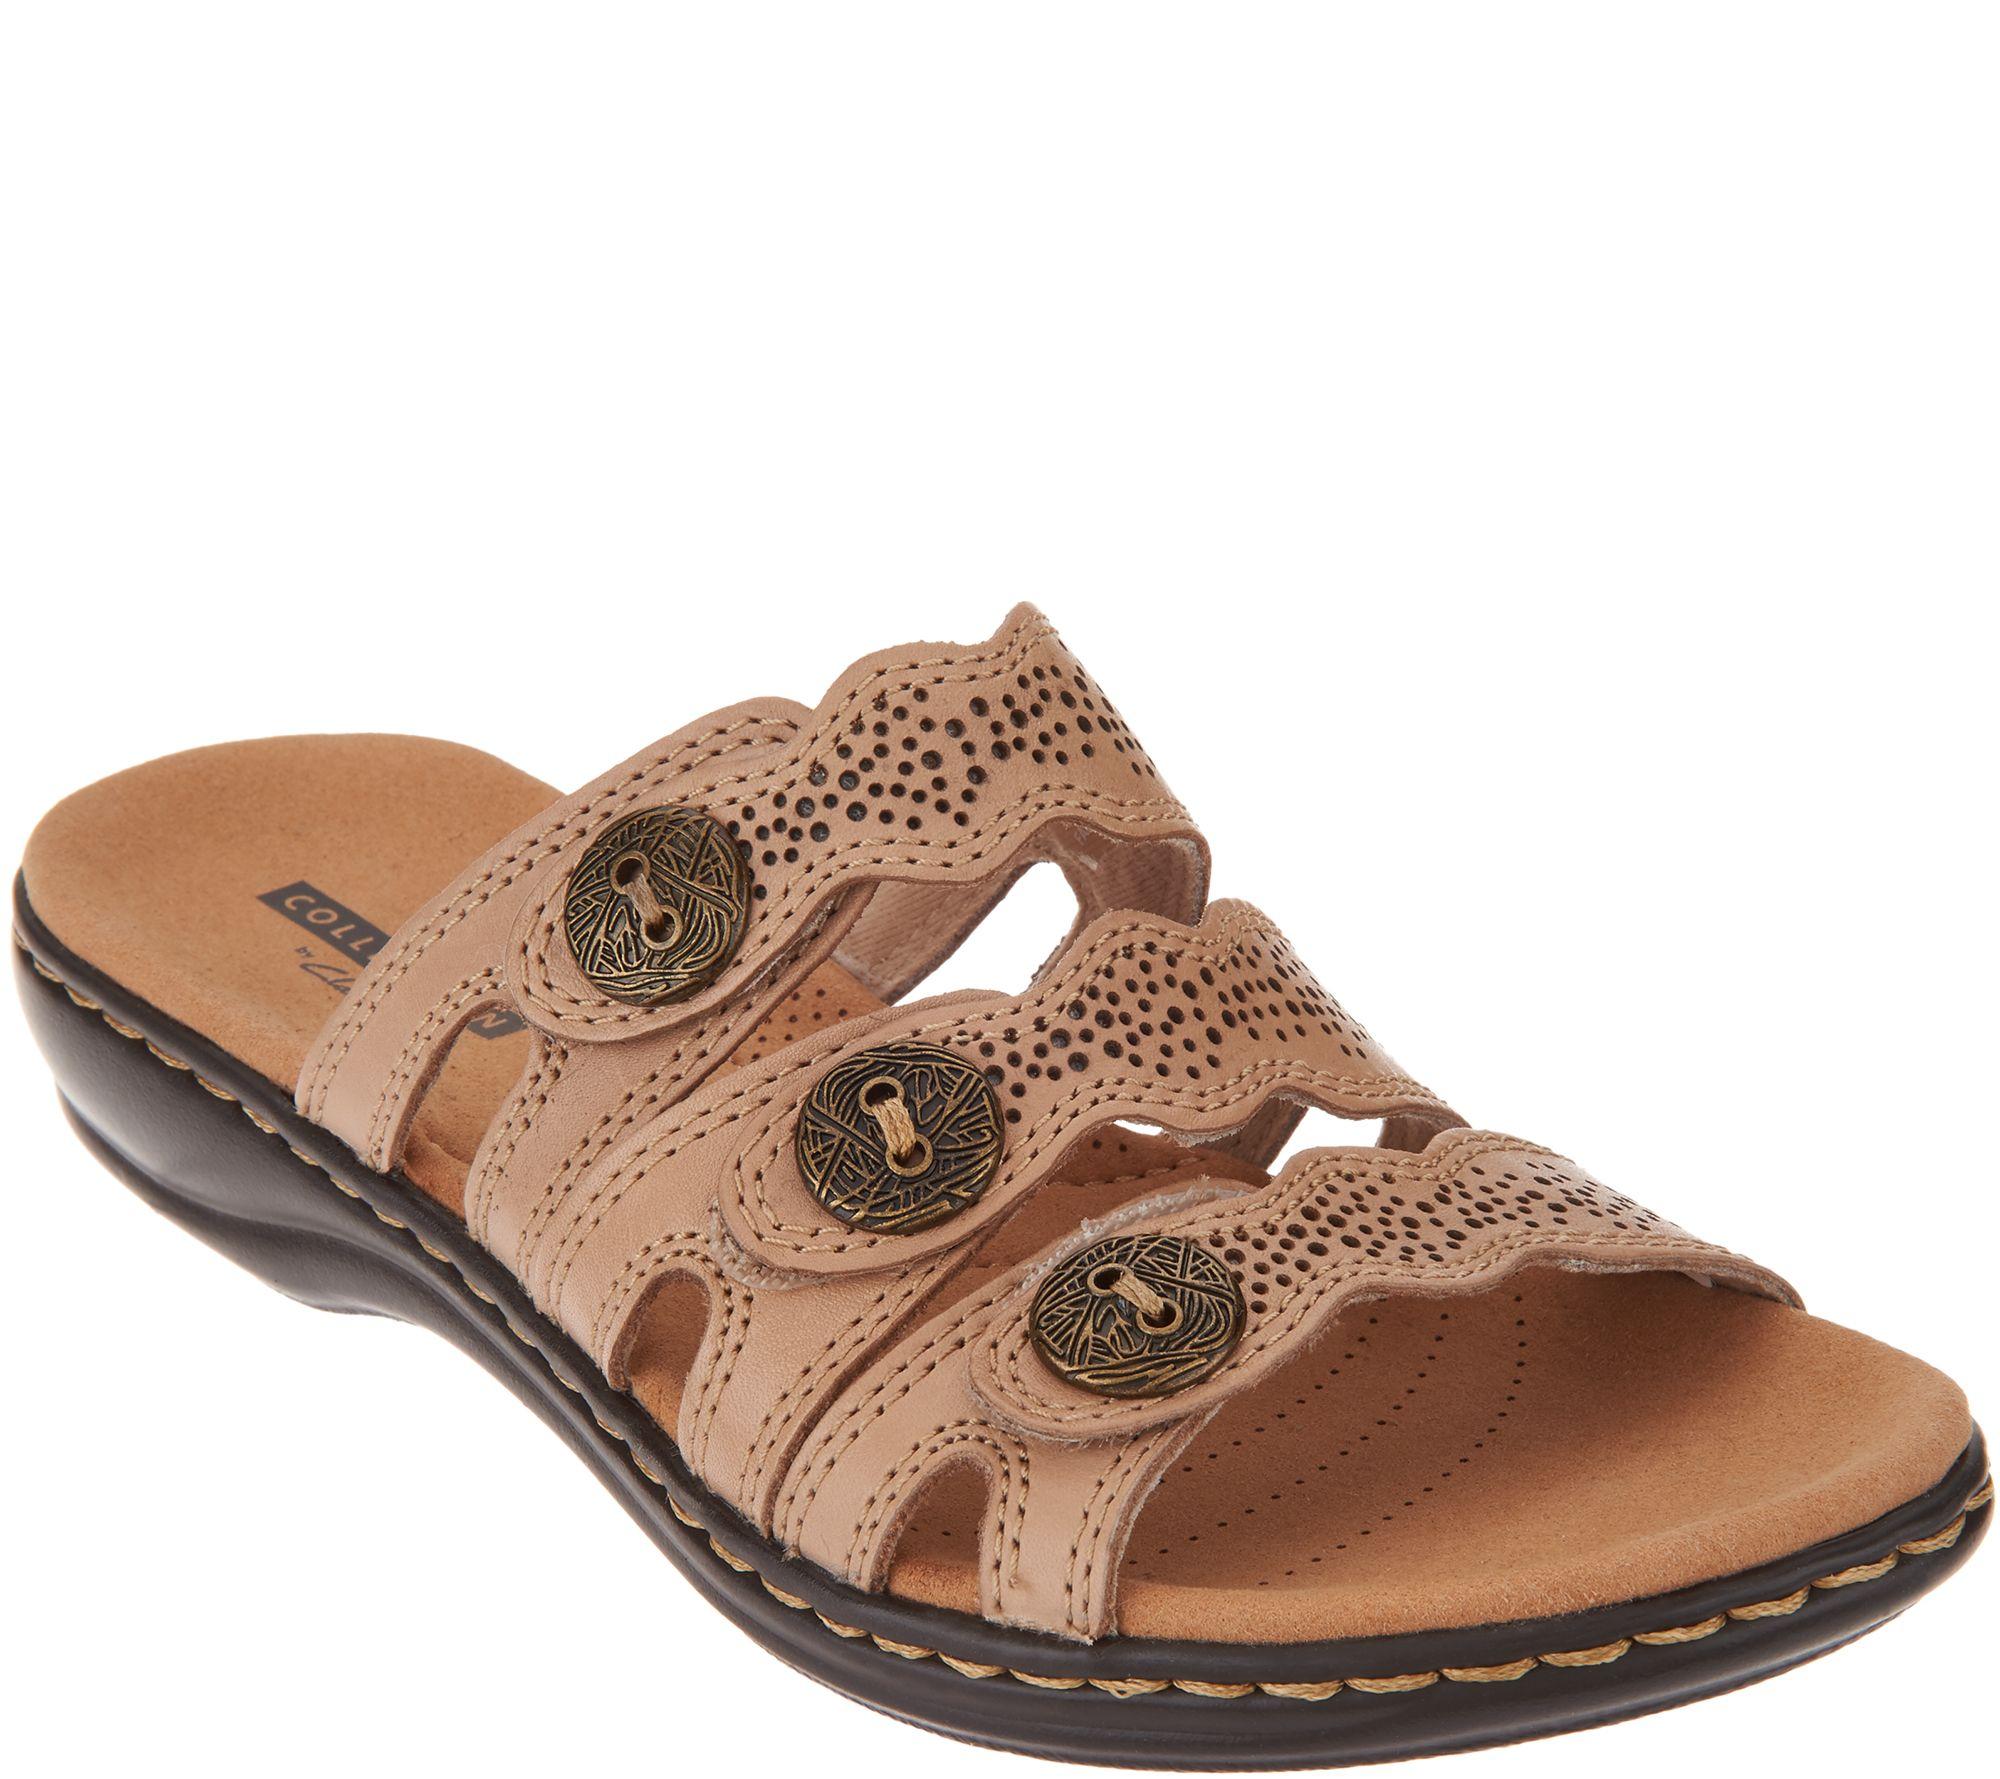 12d7d00222eb Clarks Leather Lightweight Triple Adjust Sandals - Leisa Grace - Page 1 —  QVC.com